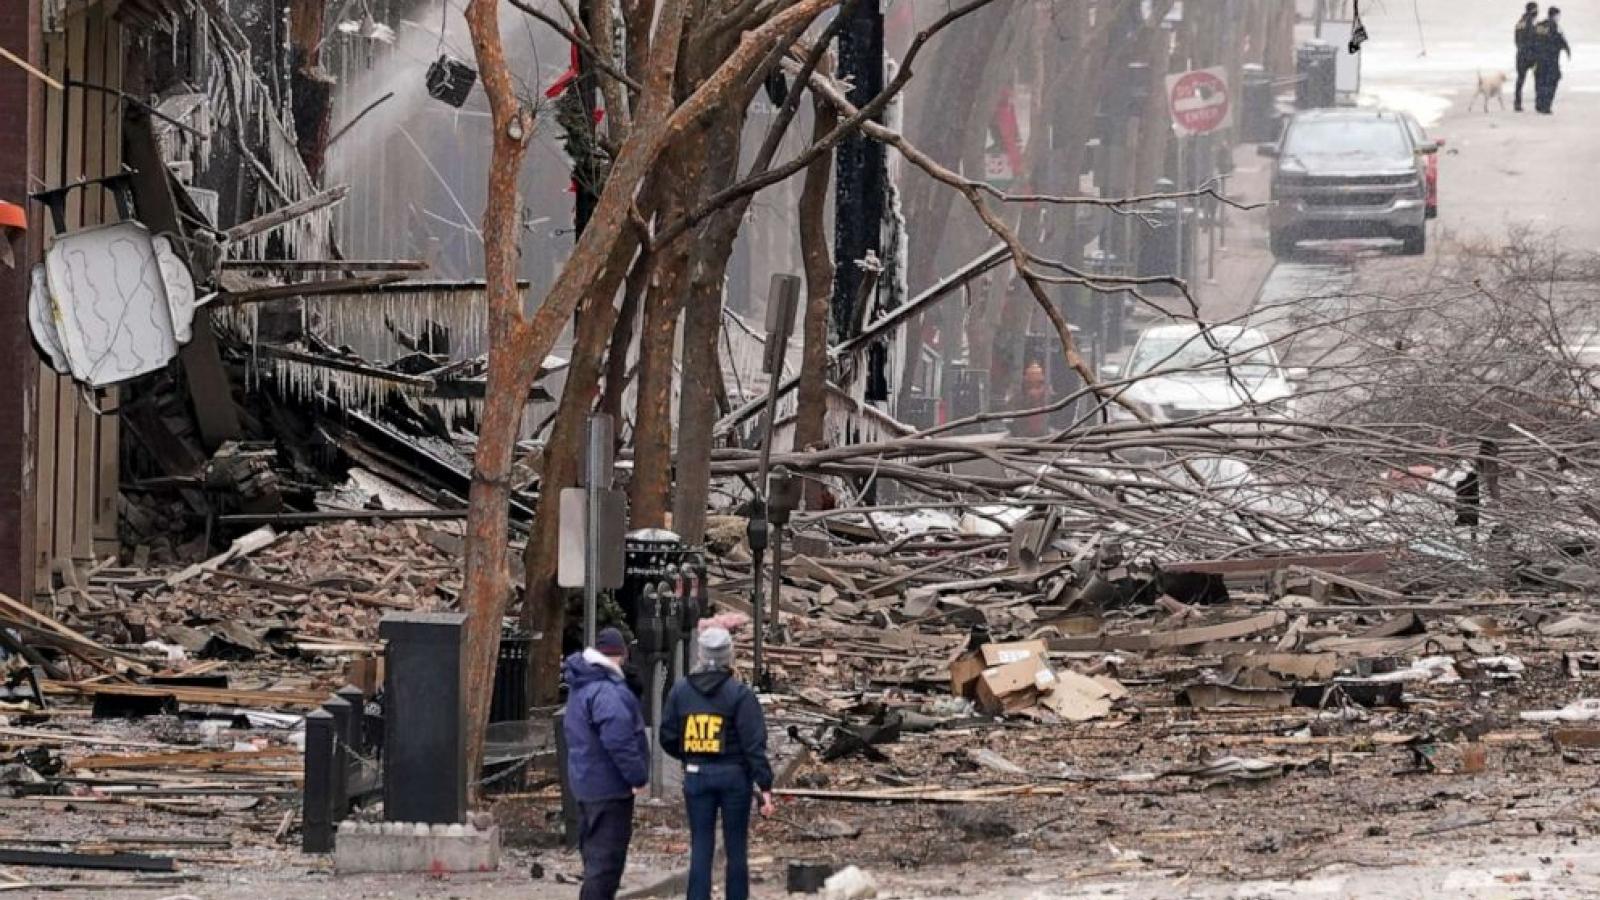 Nashville (Mỹ) ban hành lệnh giới nghiêm đến hết tuần sau vụ nổ kinh hoàng